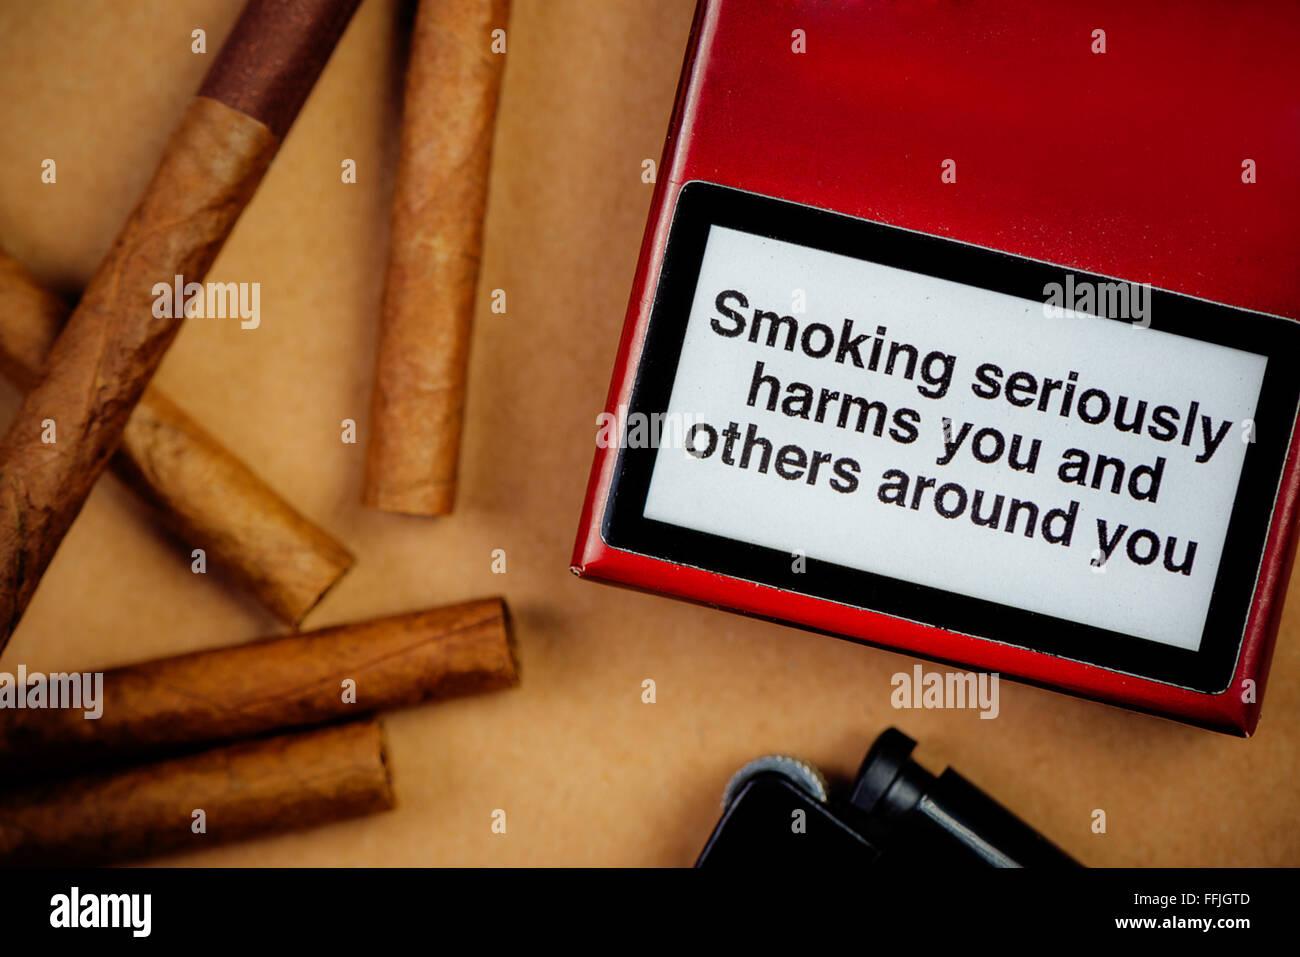 La adicción de fumar cigarrillos y la salud concepto, plana disposición laicos, fumar perjudica gravemente Imagen De Stock